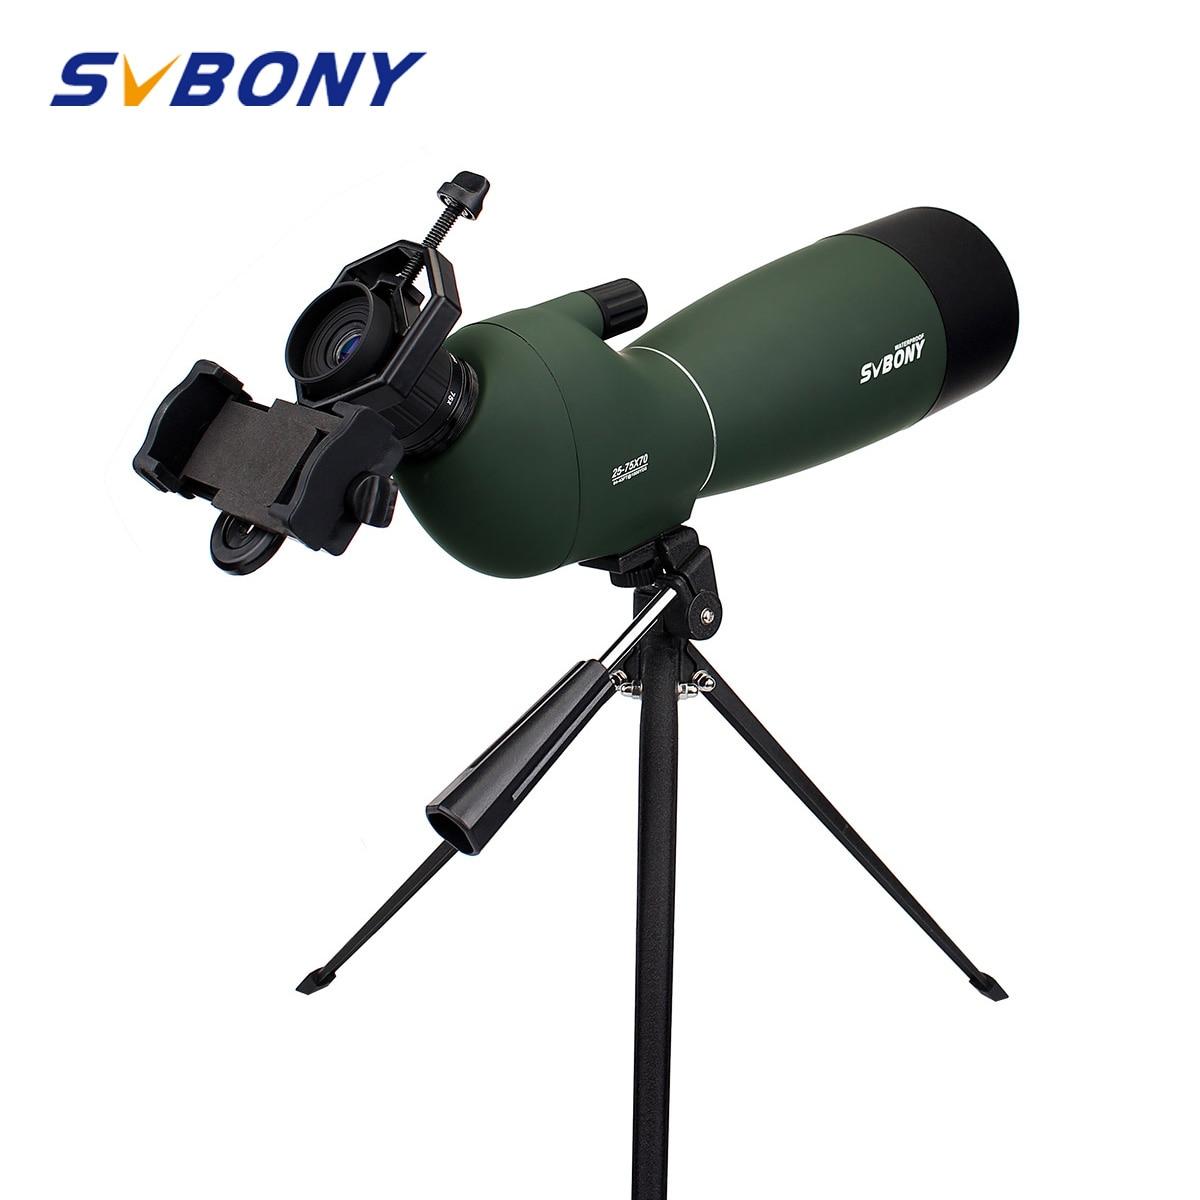 Svbony SV28 50/60/70mm tespit kapsamı Zoom Teleskop Su Geçirmez Birdwatch Avcılık Monoküler ve Evrensel Telefon Adaptörü mountF9308 av için ateş, ateş, okçuluk, kuş gözlemciliği,